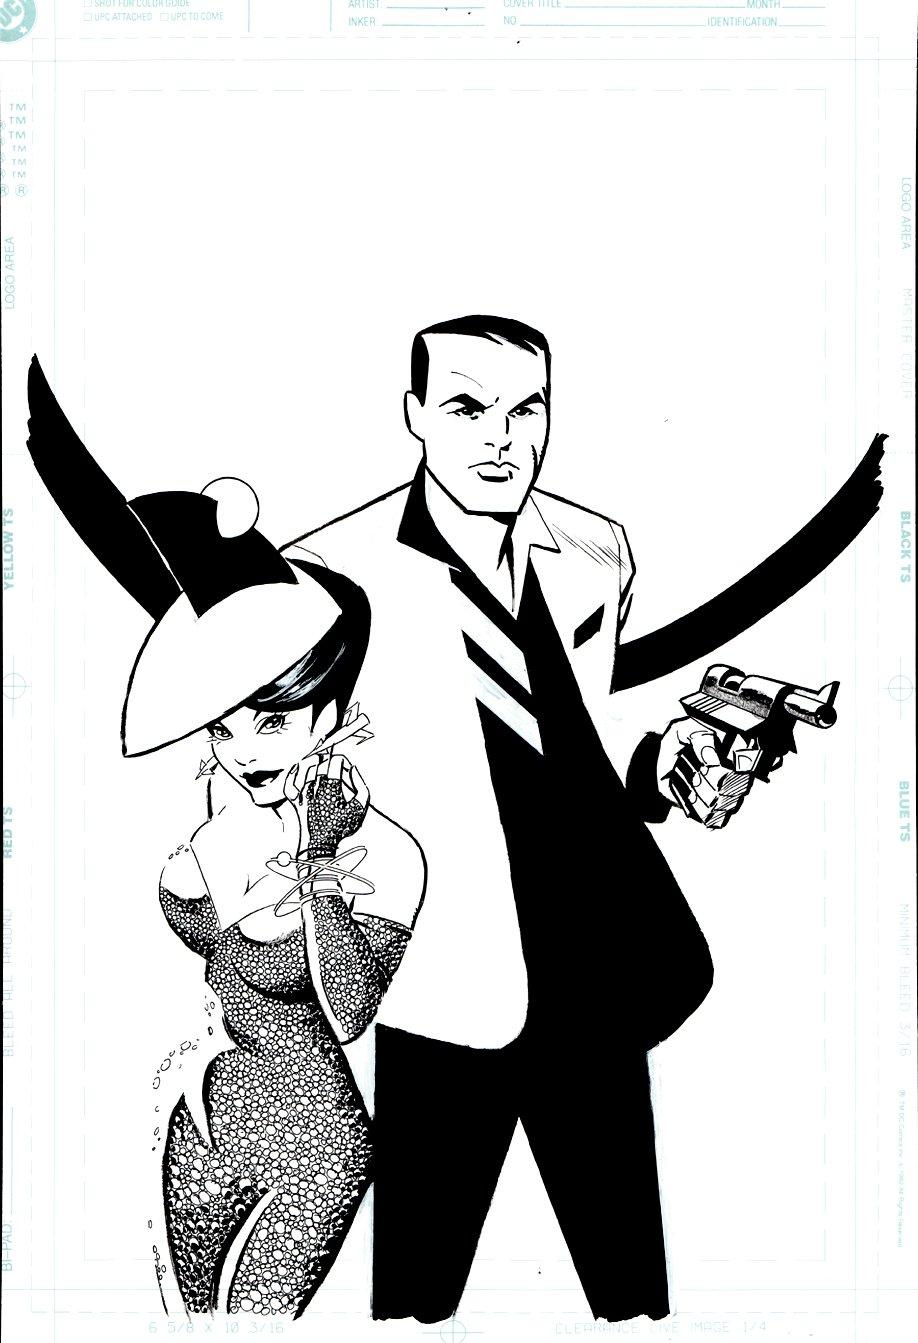 Pulp Fantastic #2 Cover (1999)